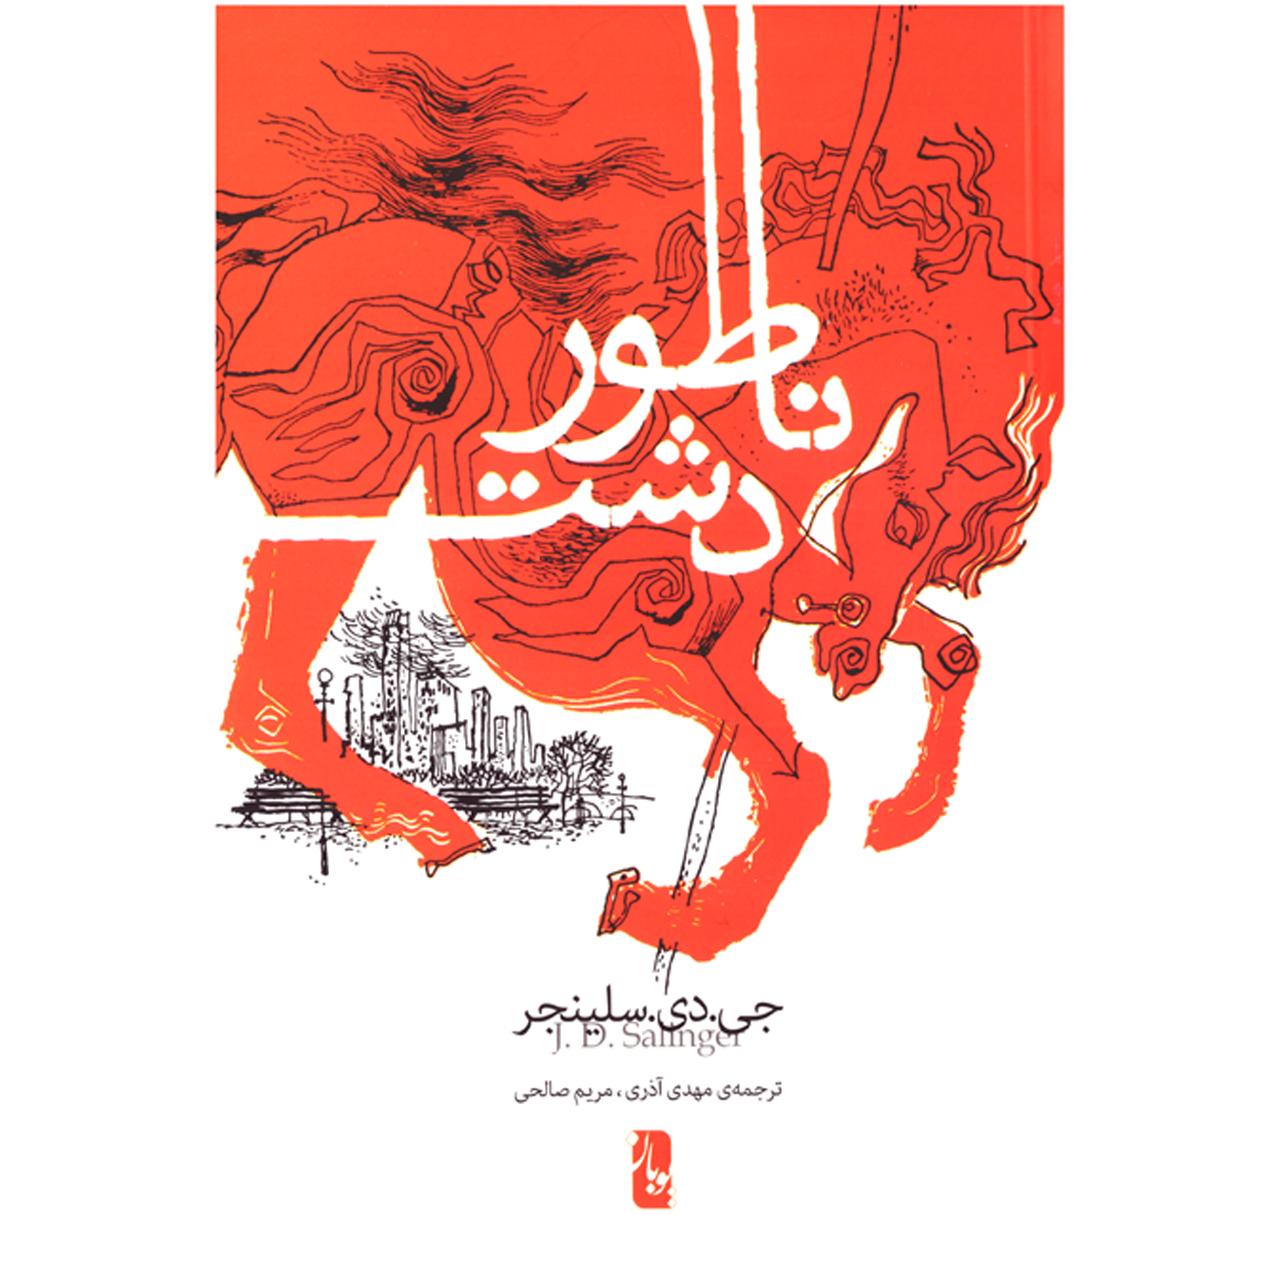 خرید                      کتاب ناطور دشت اثر جی دی سلینجر نشر یوبان